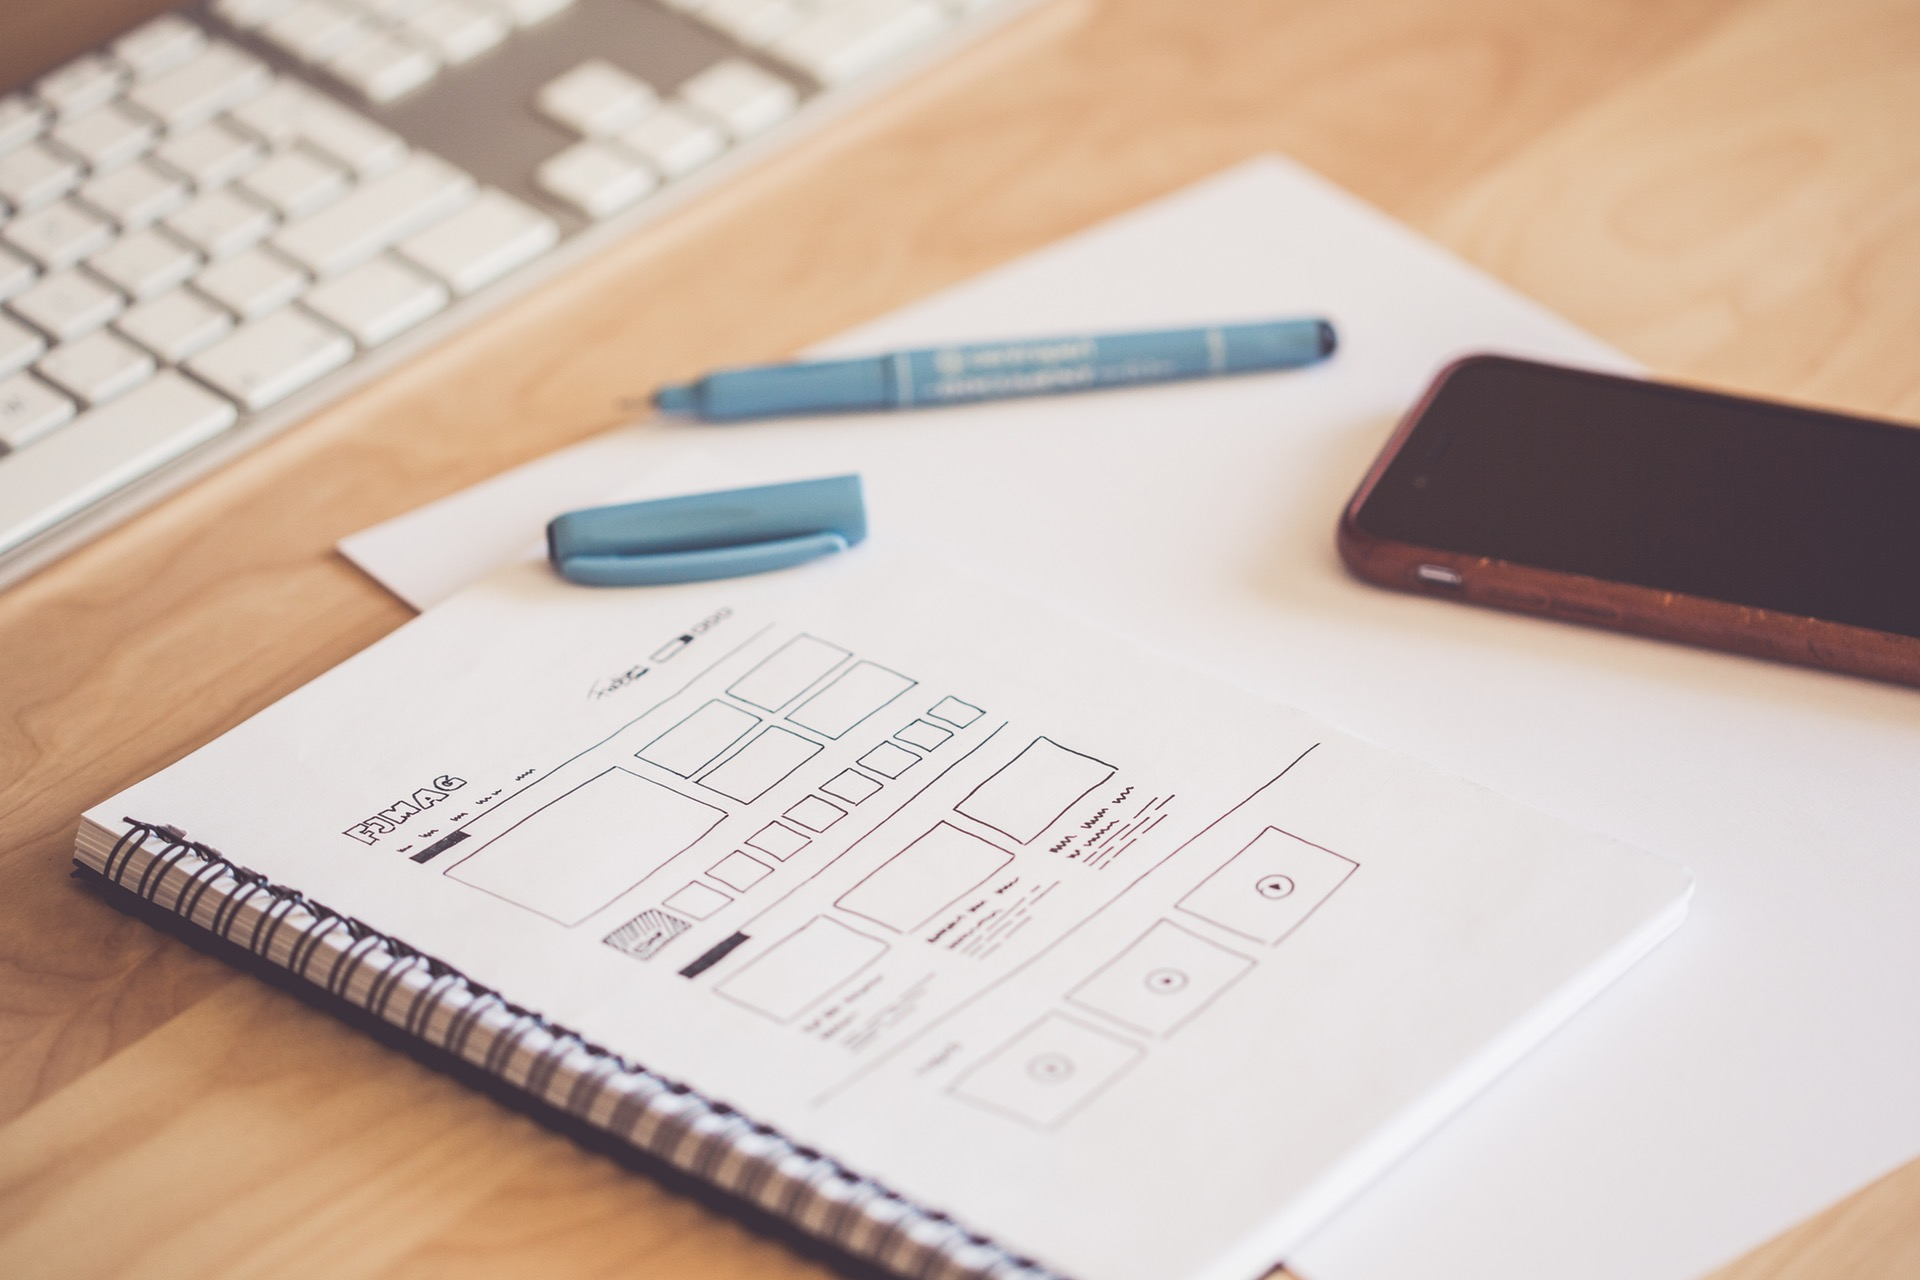 Website design mockup on paper